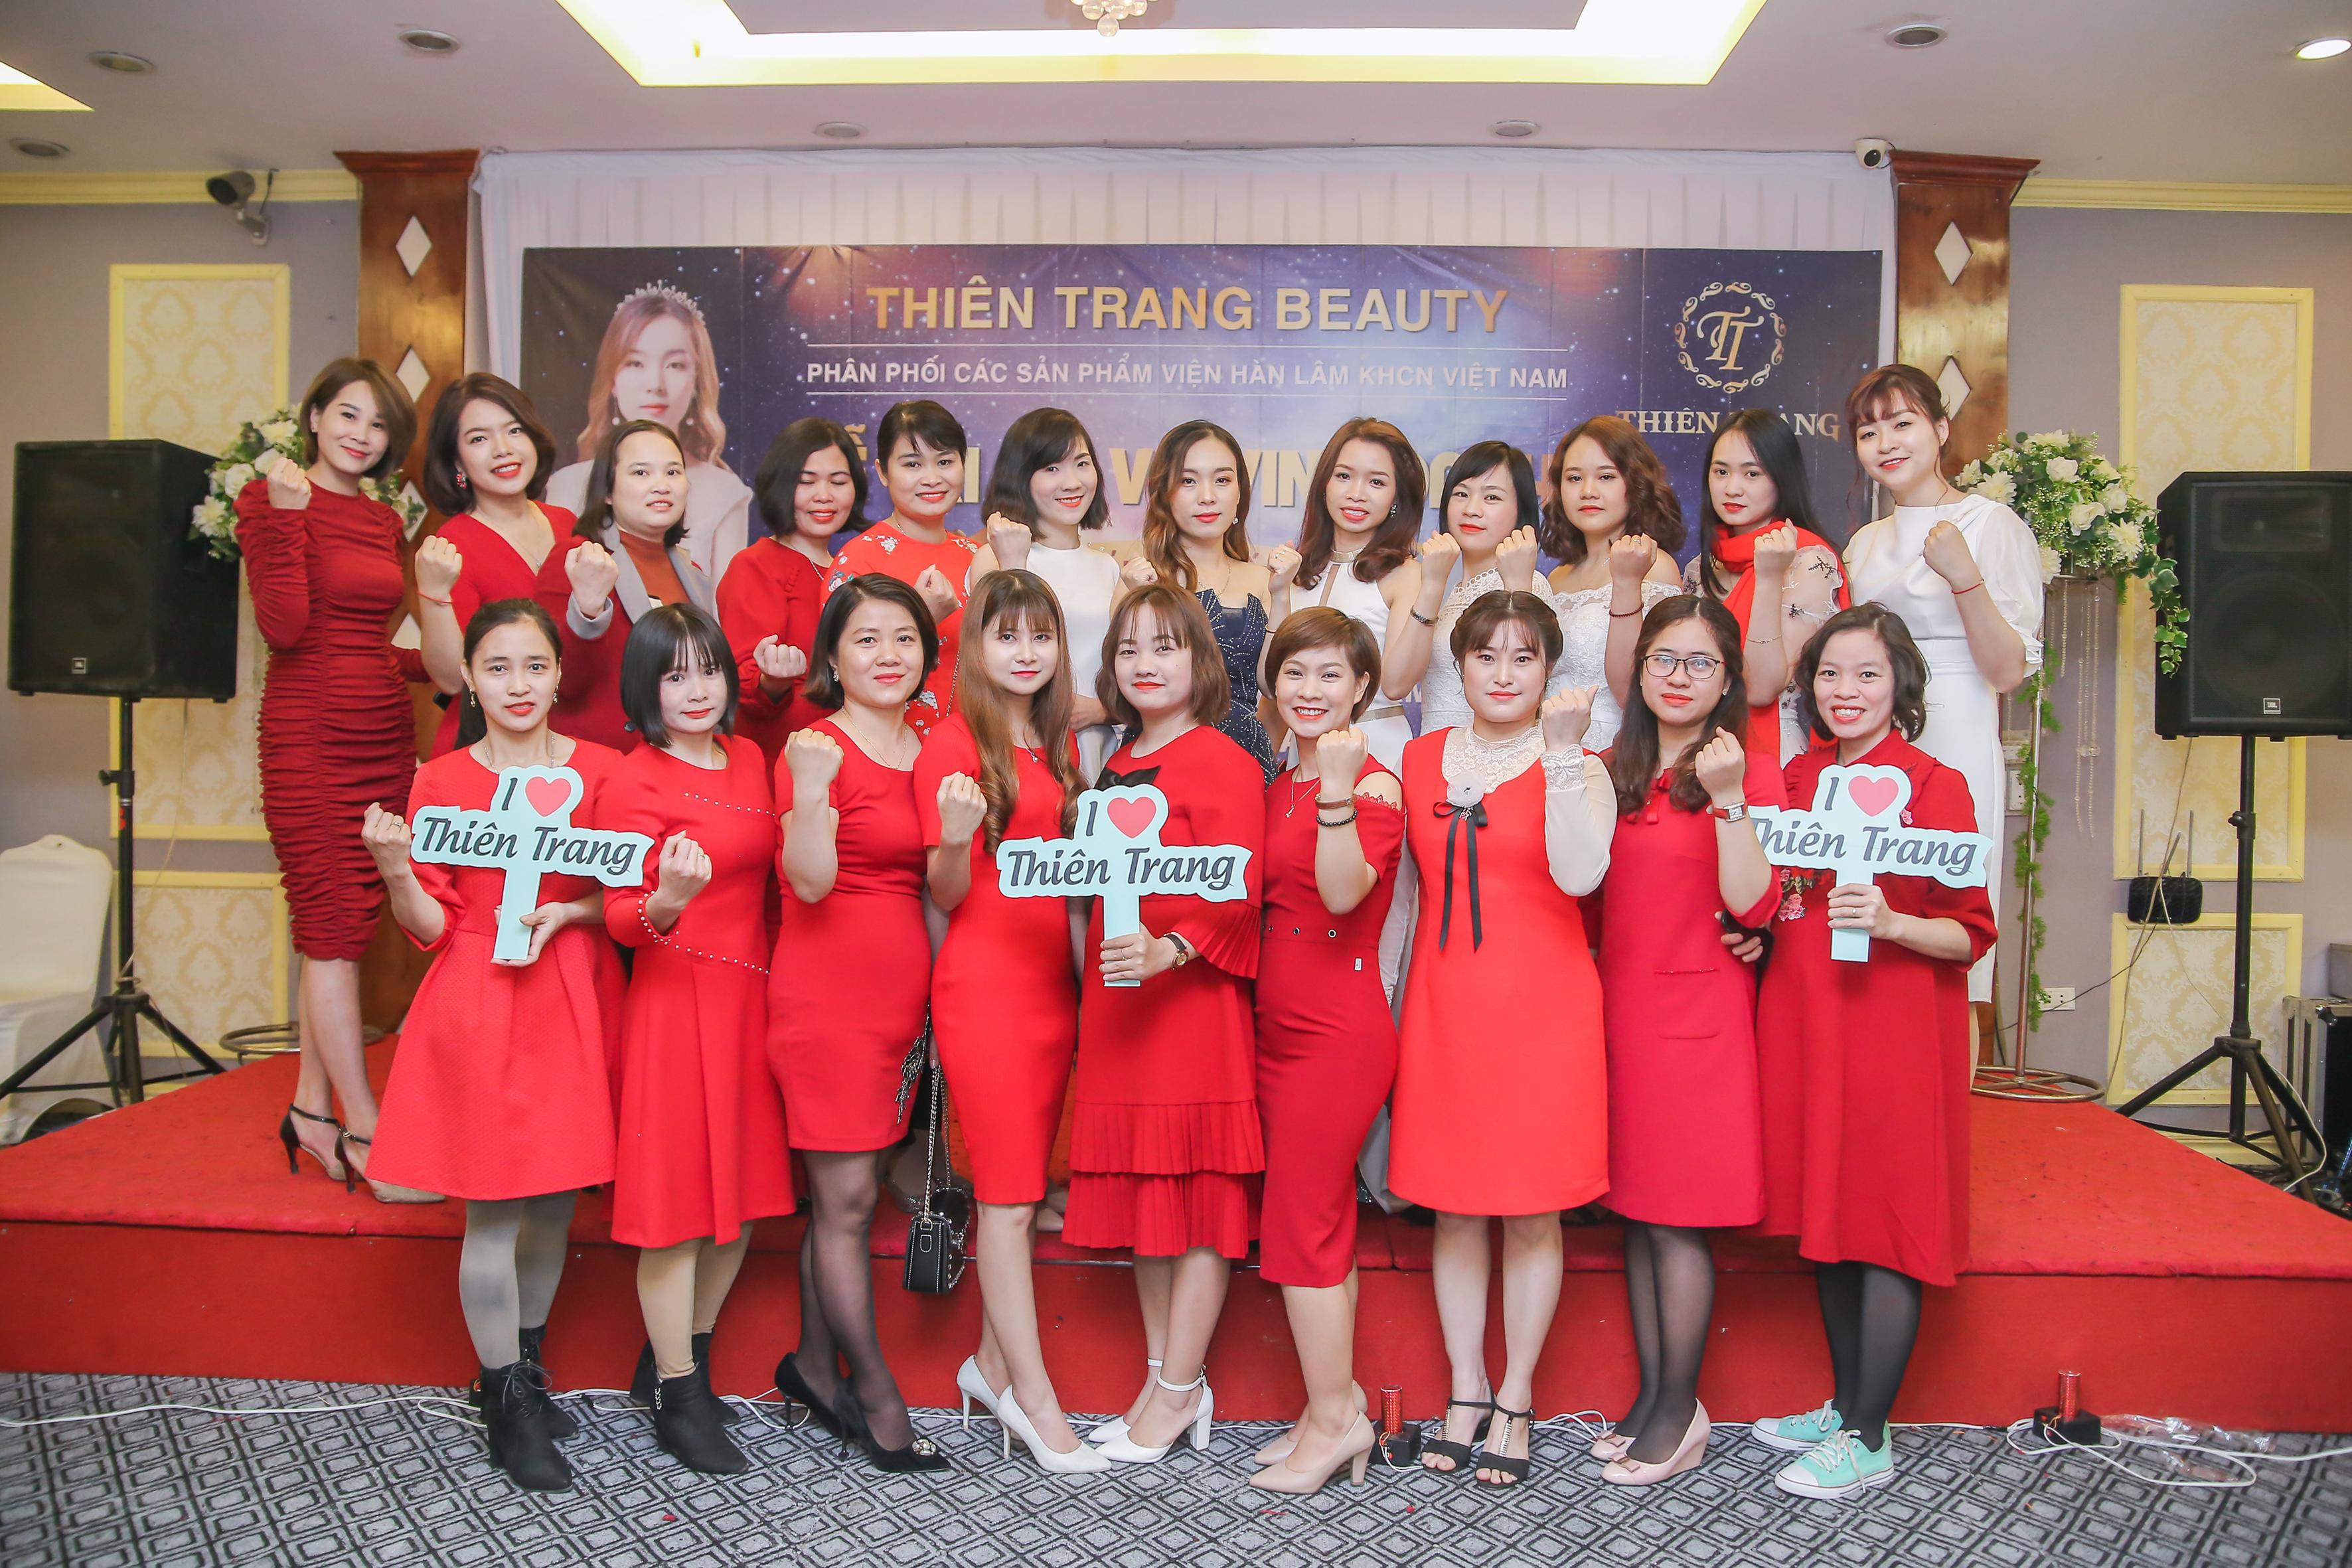 Tràng An Palace tổ chức tiệc vinh danh cho Thiên Trang Beauty